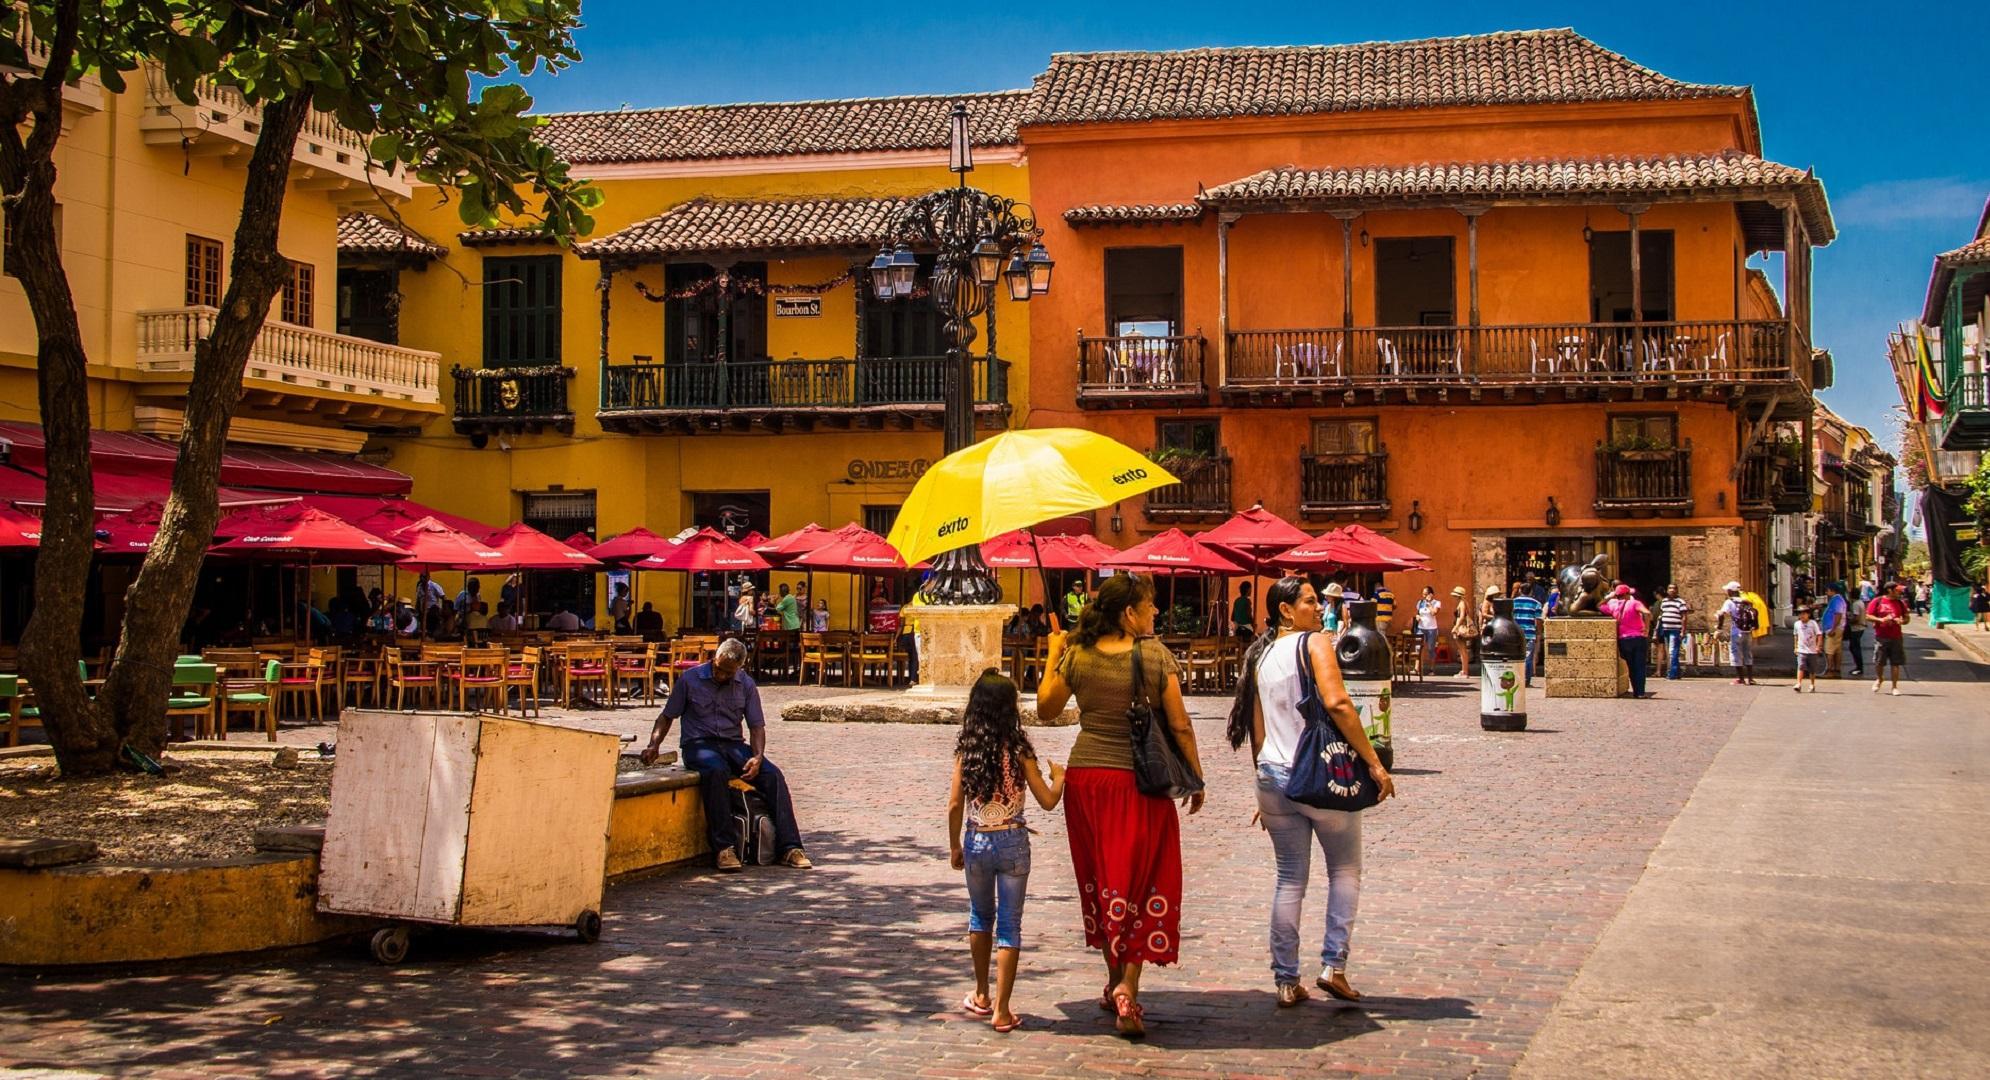 Cartagena Background